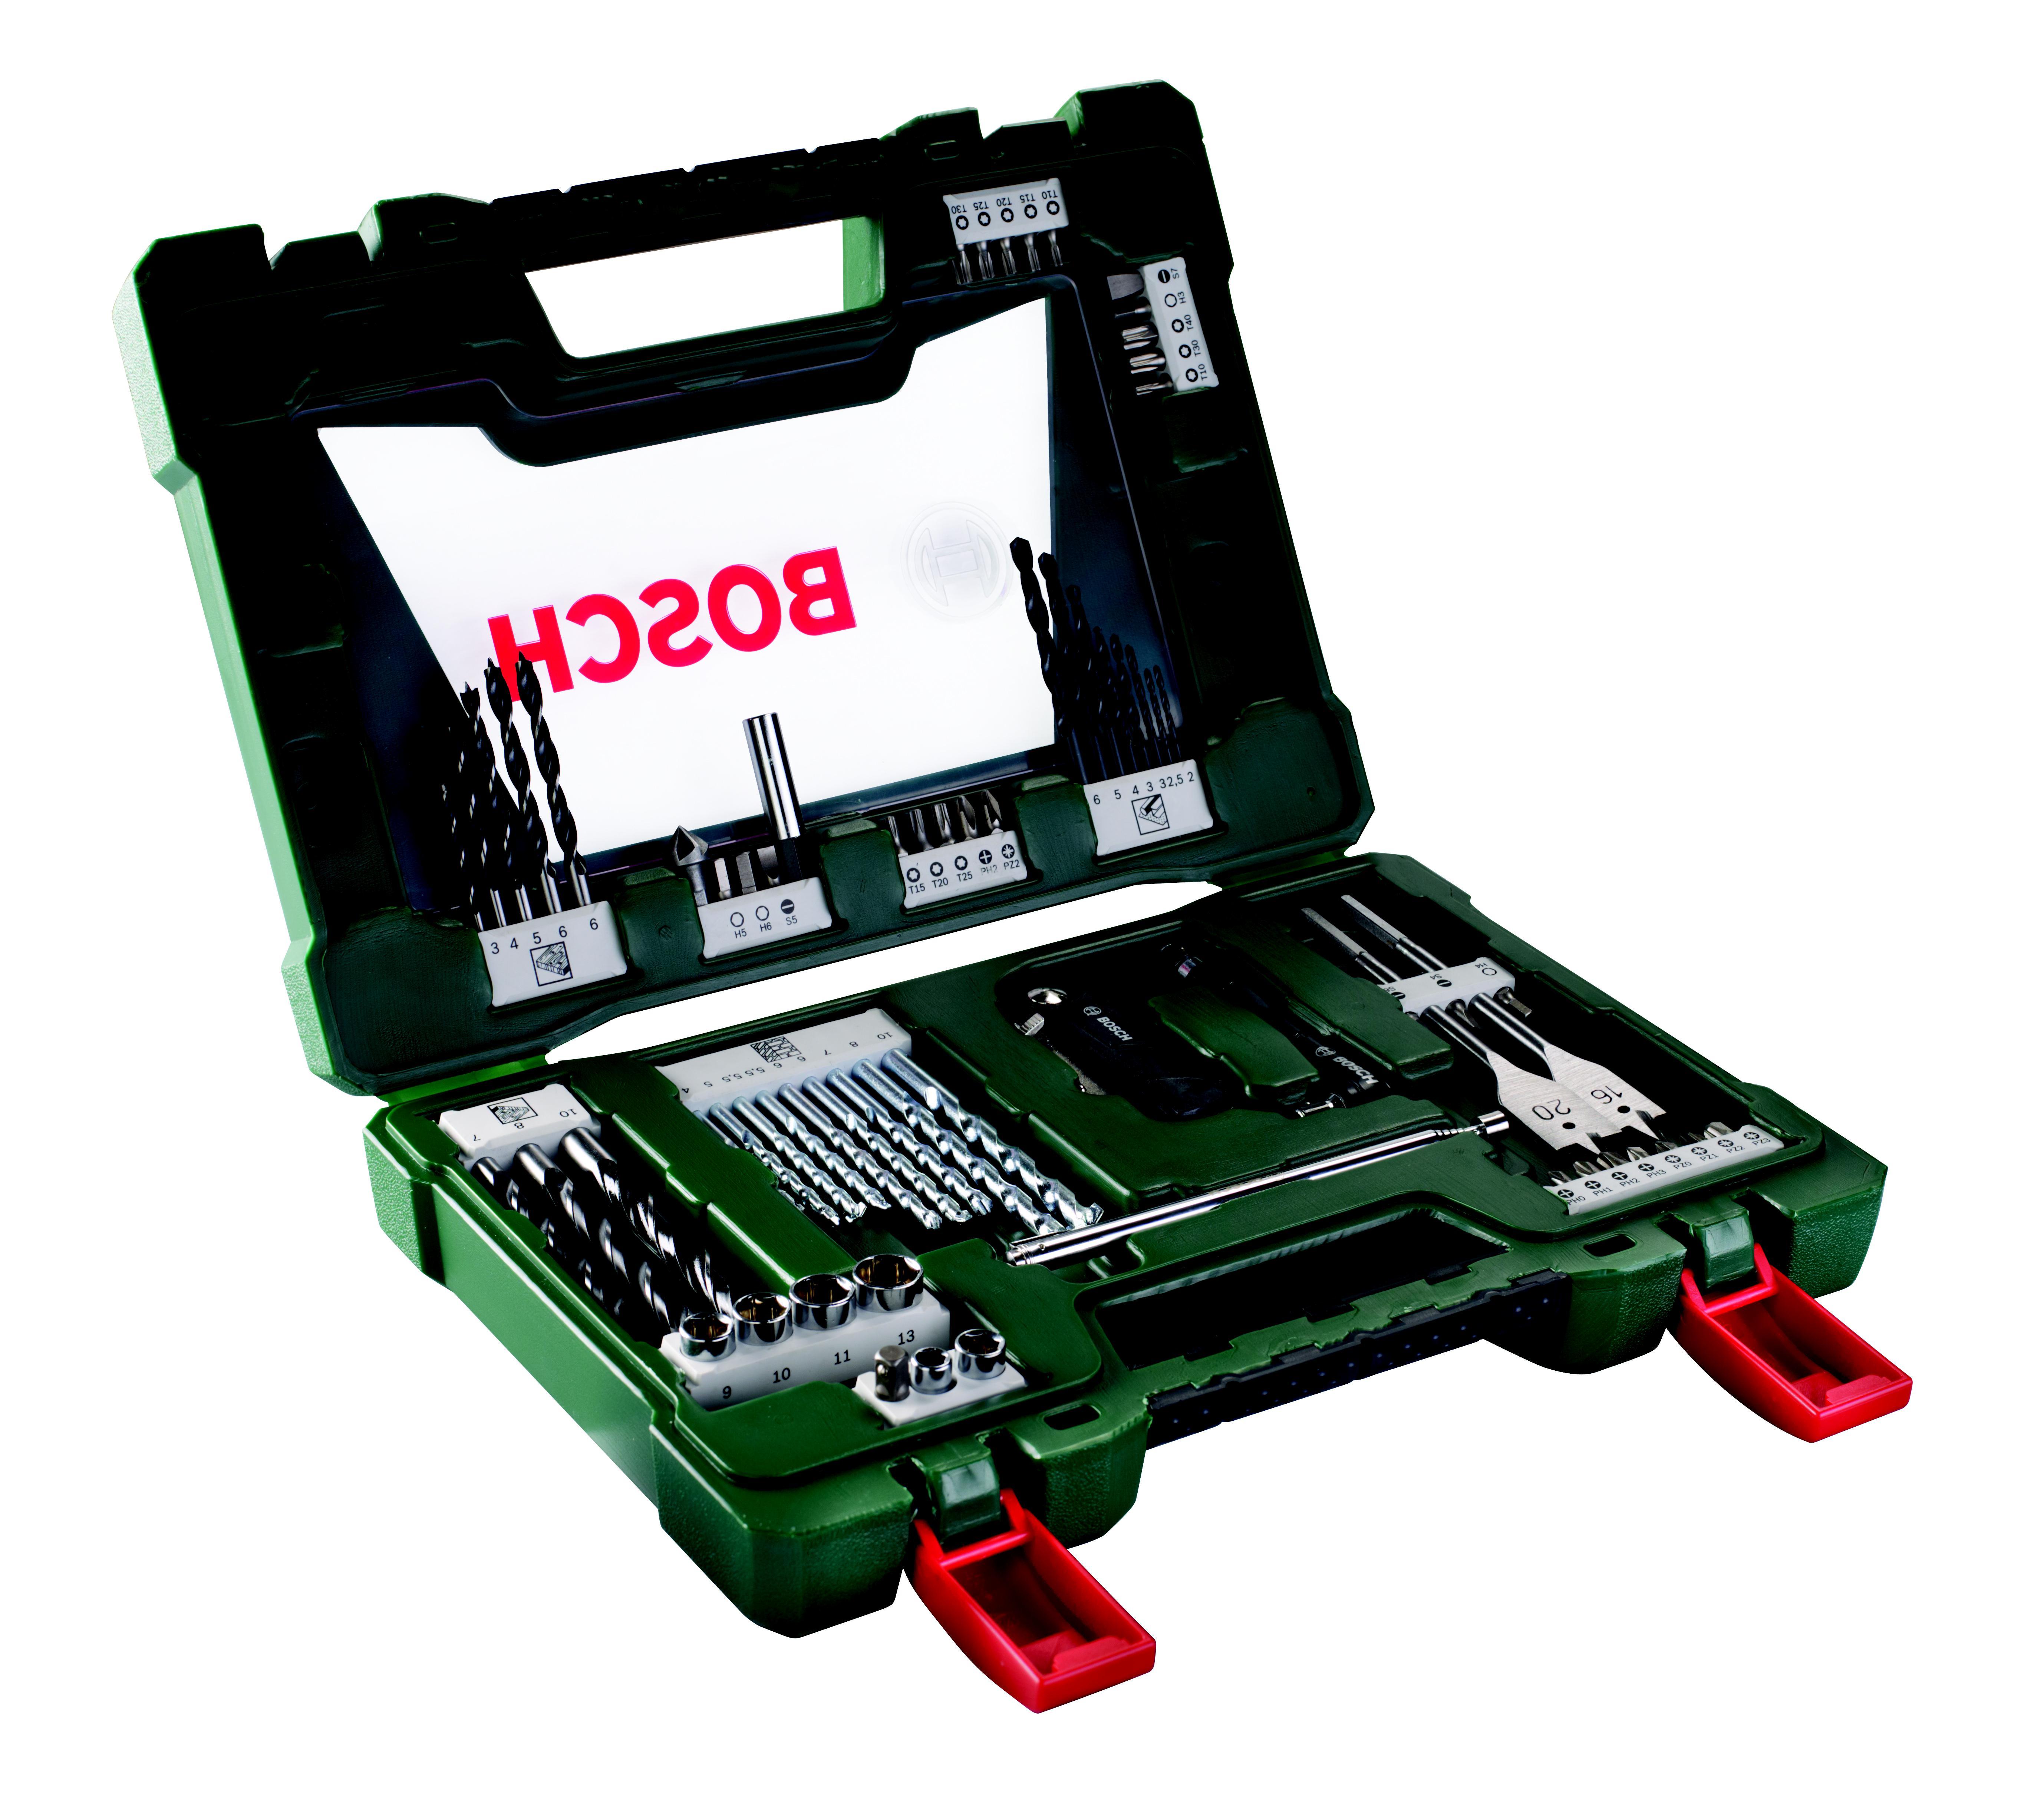 Набор бит и сверл Bosch V-line-68 (2.607.017.191) набор принадлежностей bosch v line 48 предметов [2607017314]